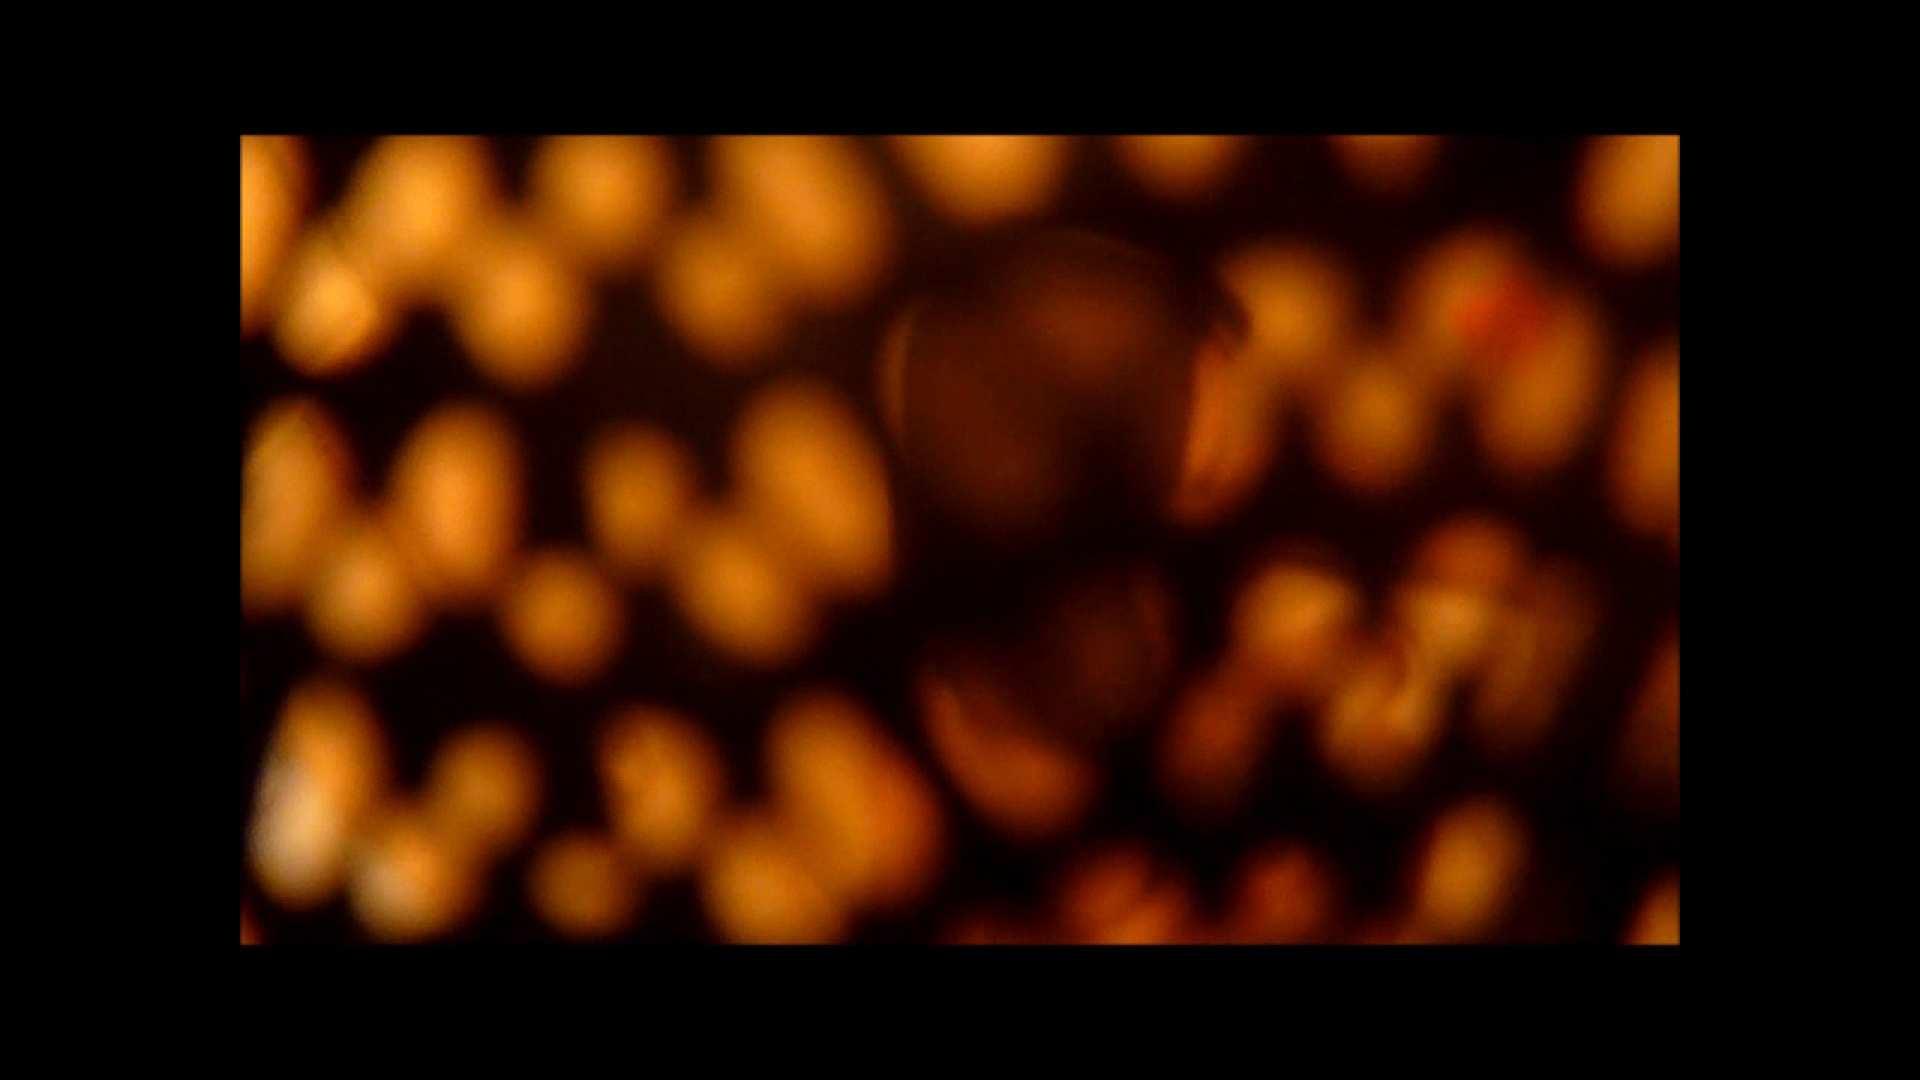 【02】ベランダに侵入して張り込みを始めて・・・やっと結果が出ました。 家宅侵入  107pic 66